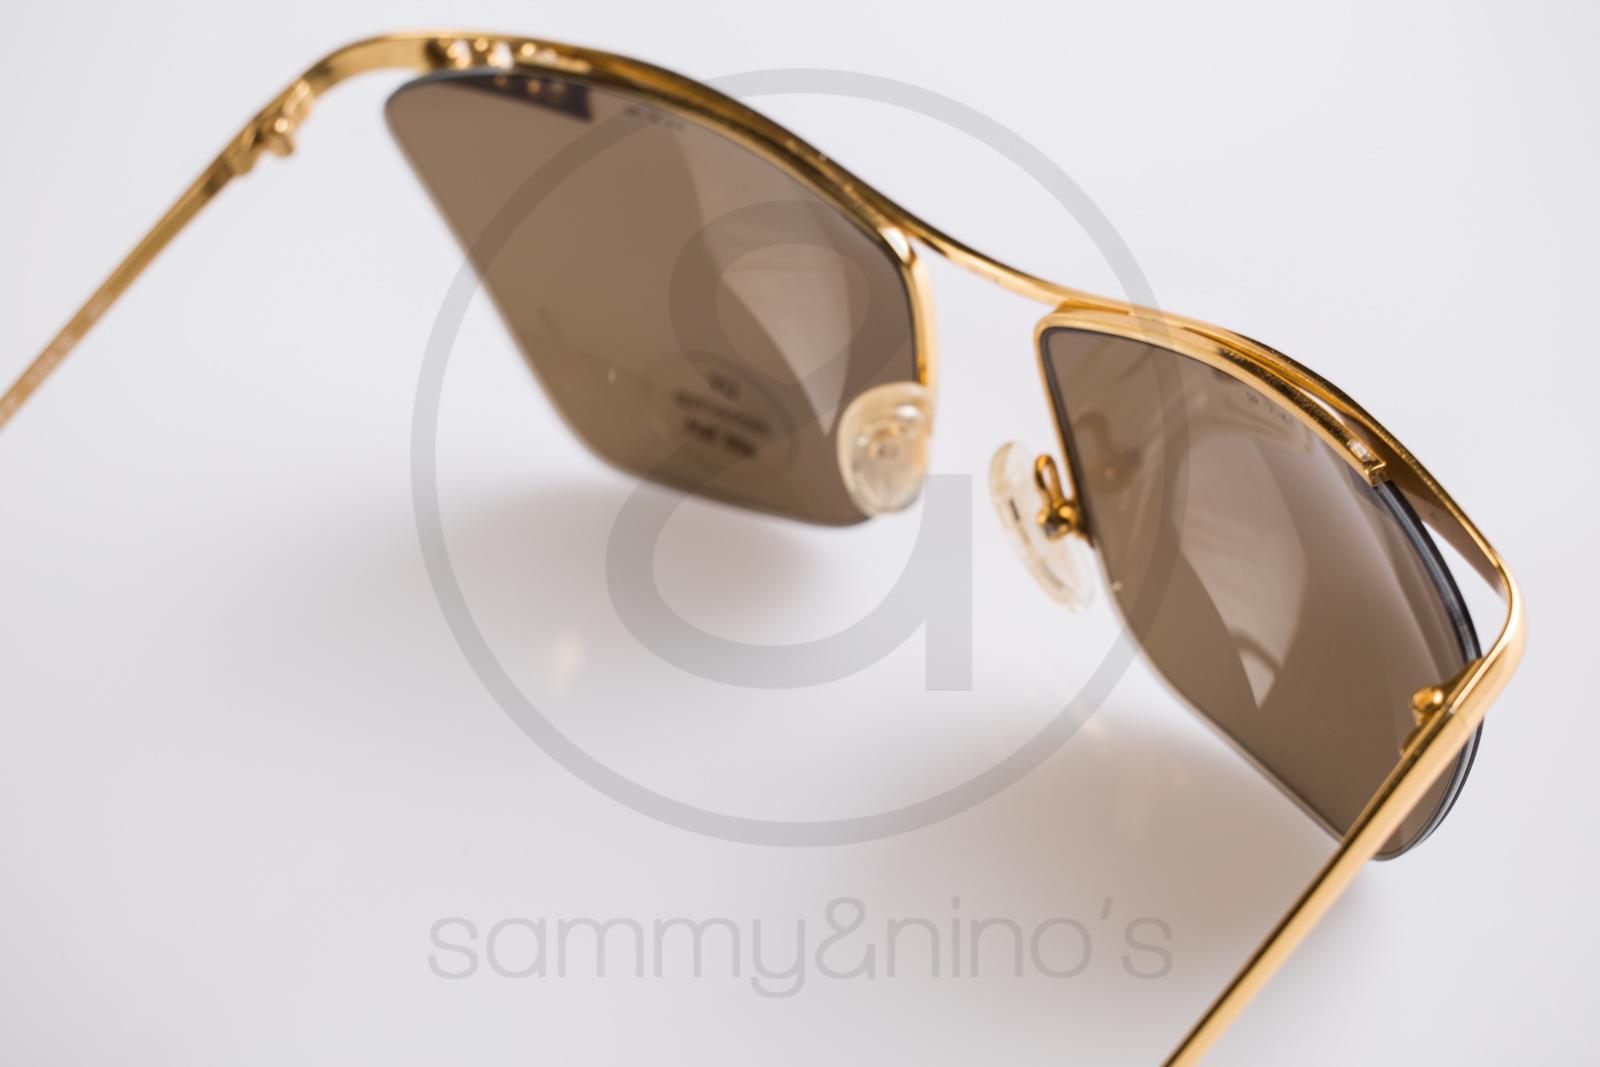 45a67cc770 Gianfranco Ferré GFF 104 S – Sammy   Nino s Store